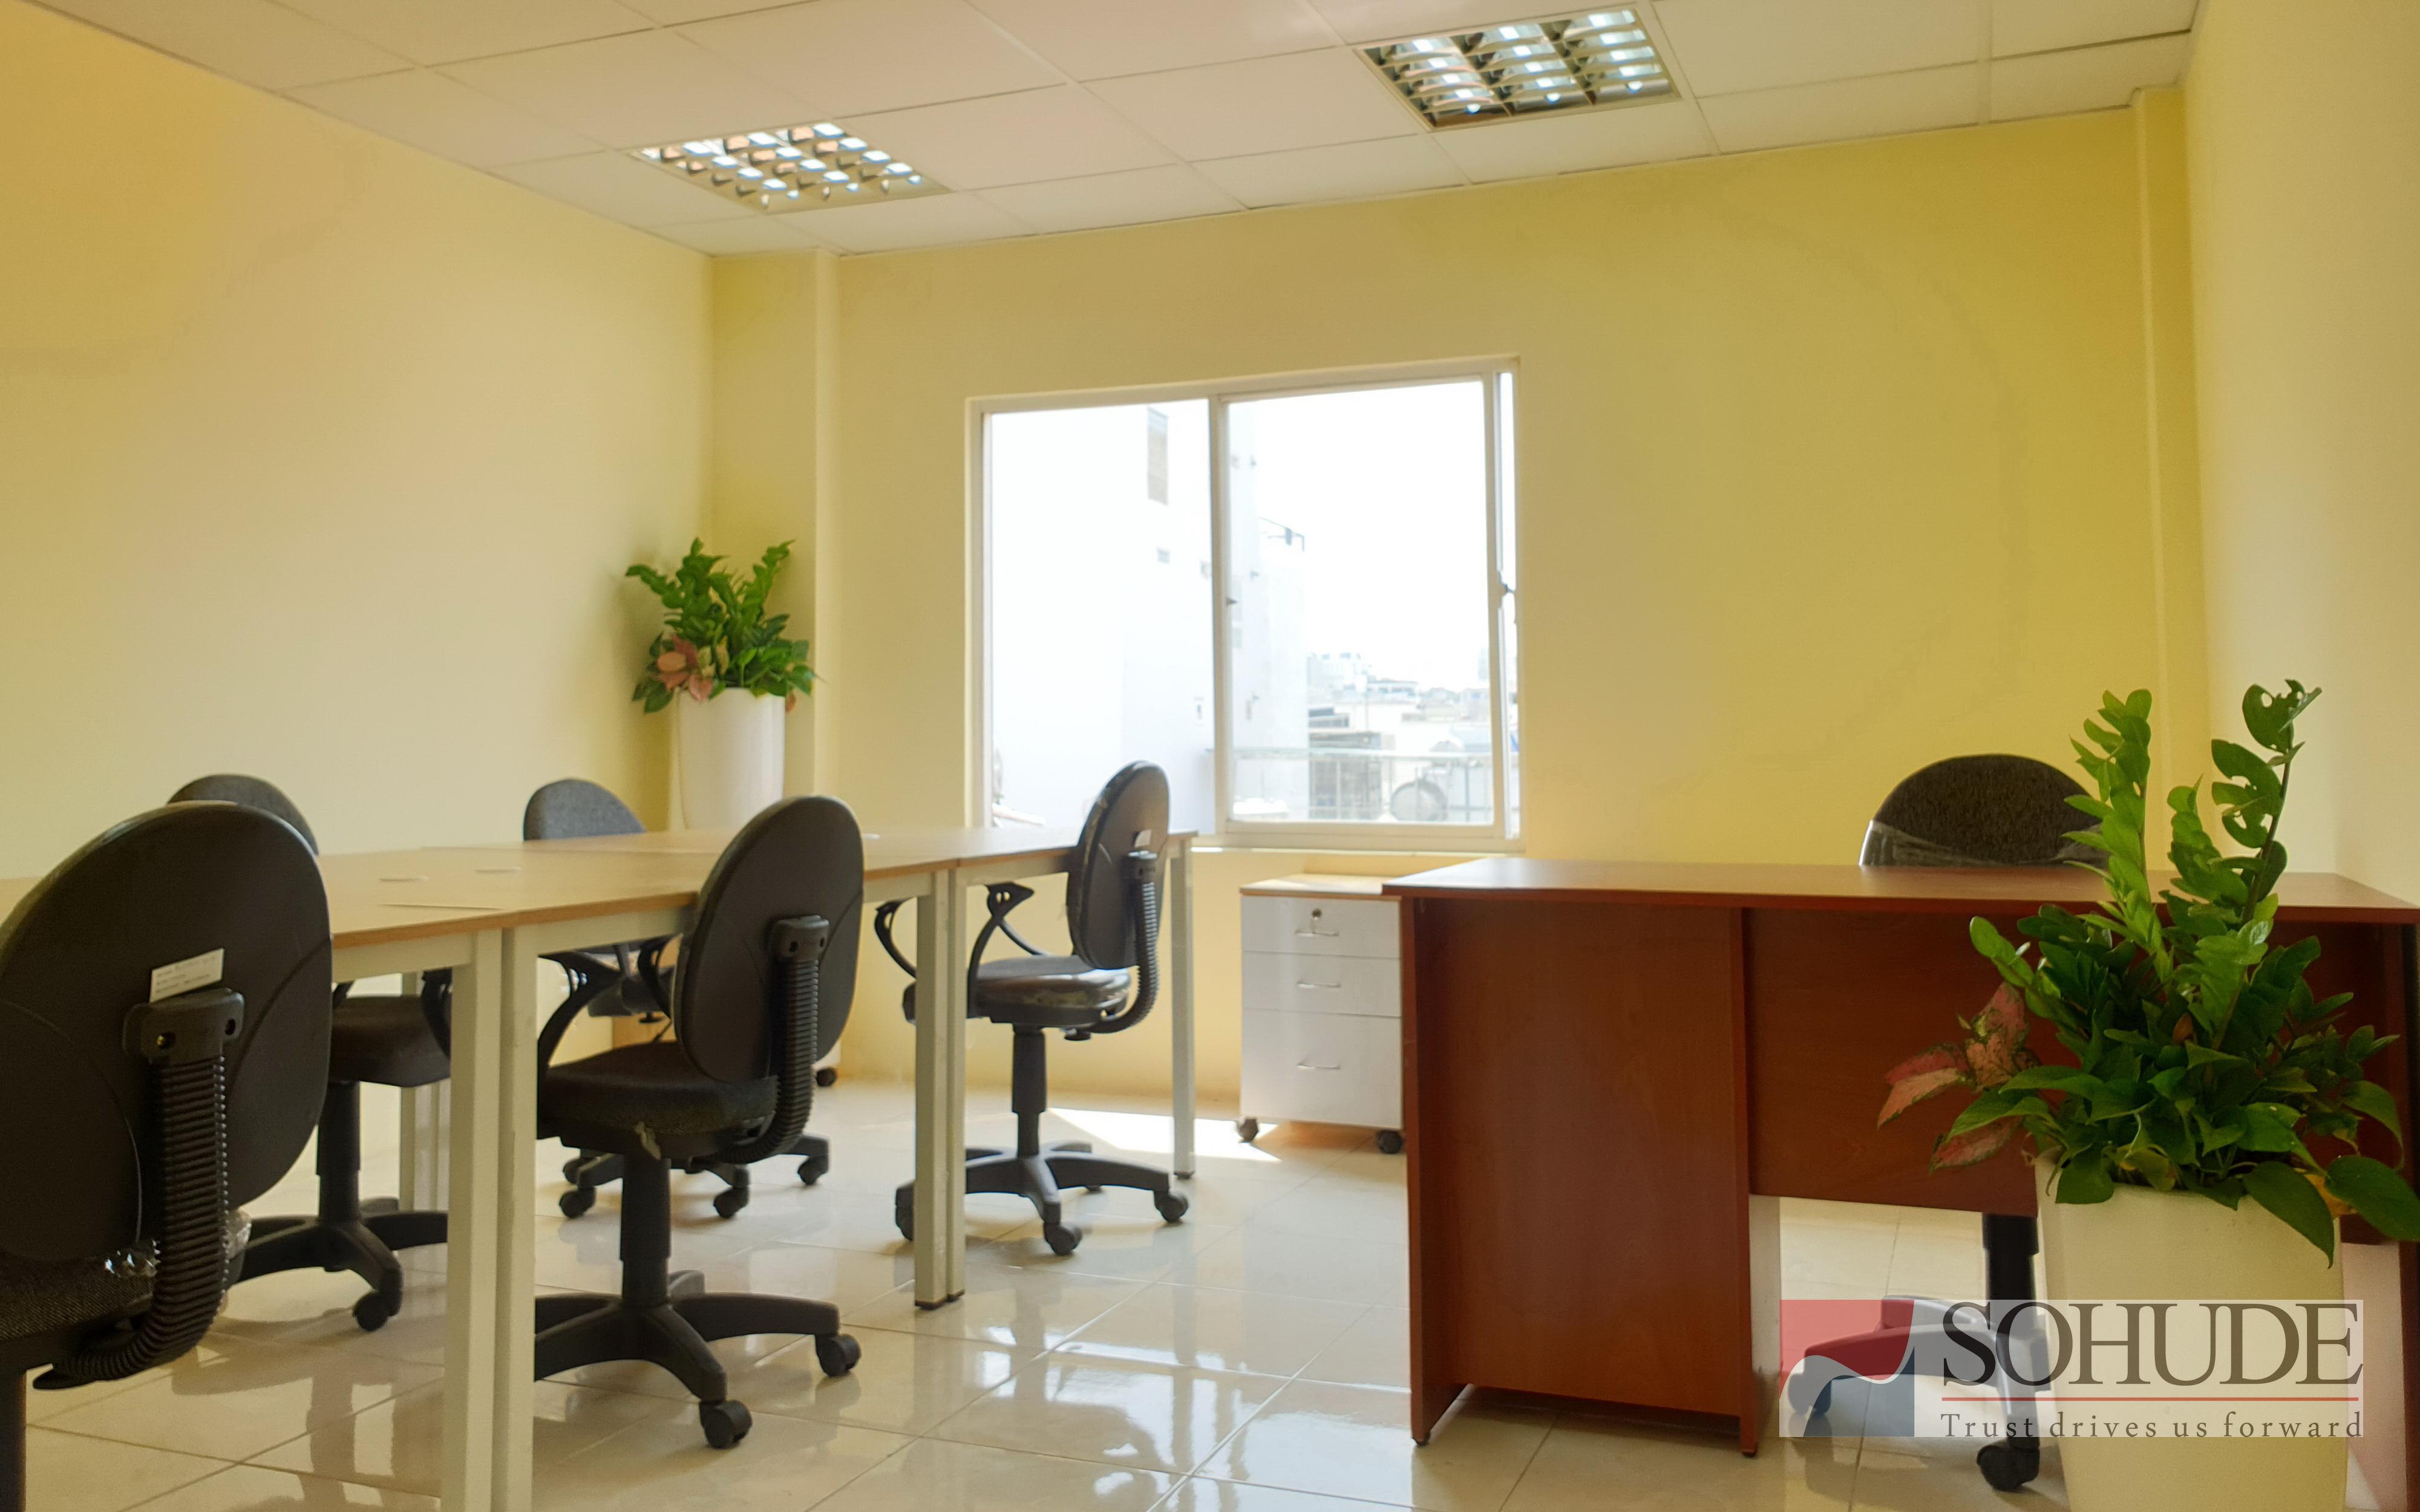 Văn phòng trọn gói Quận 3 19m2